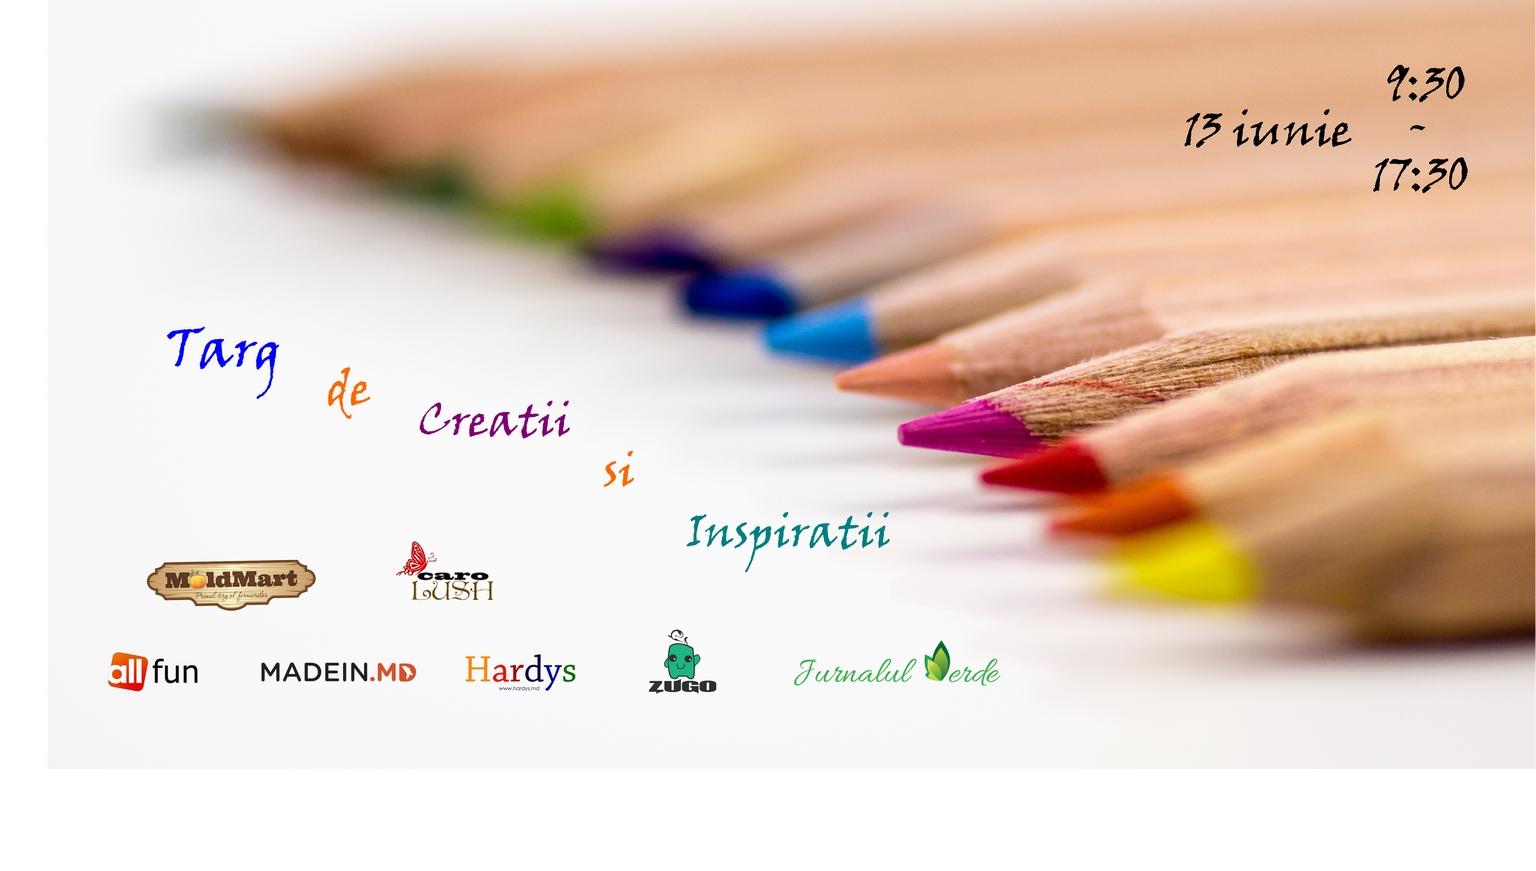 targ de creatii si inspiratii handmade